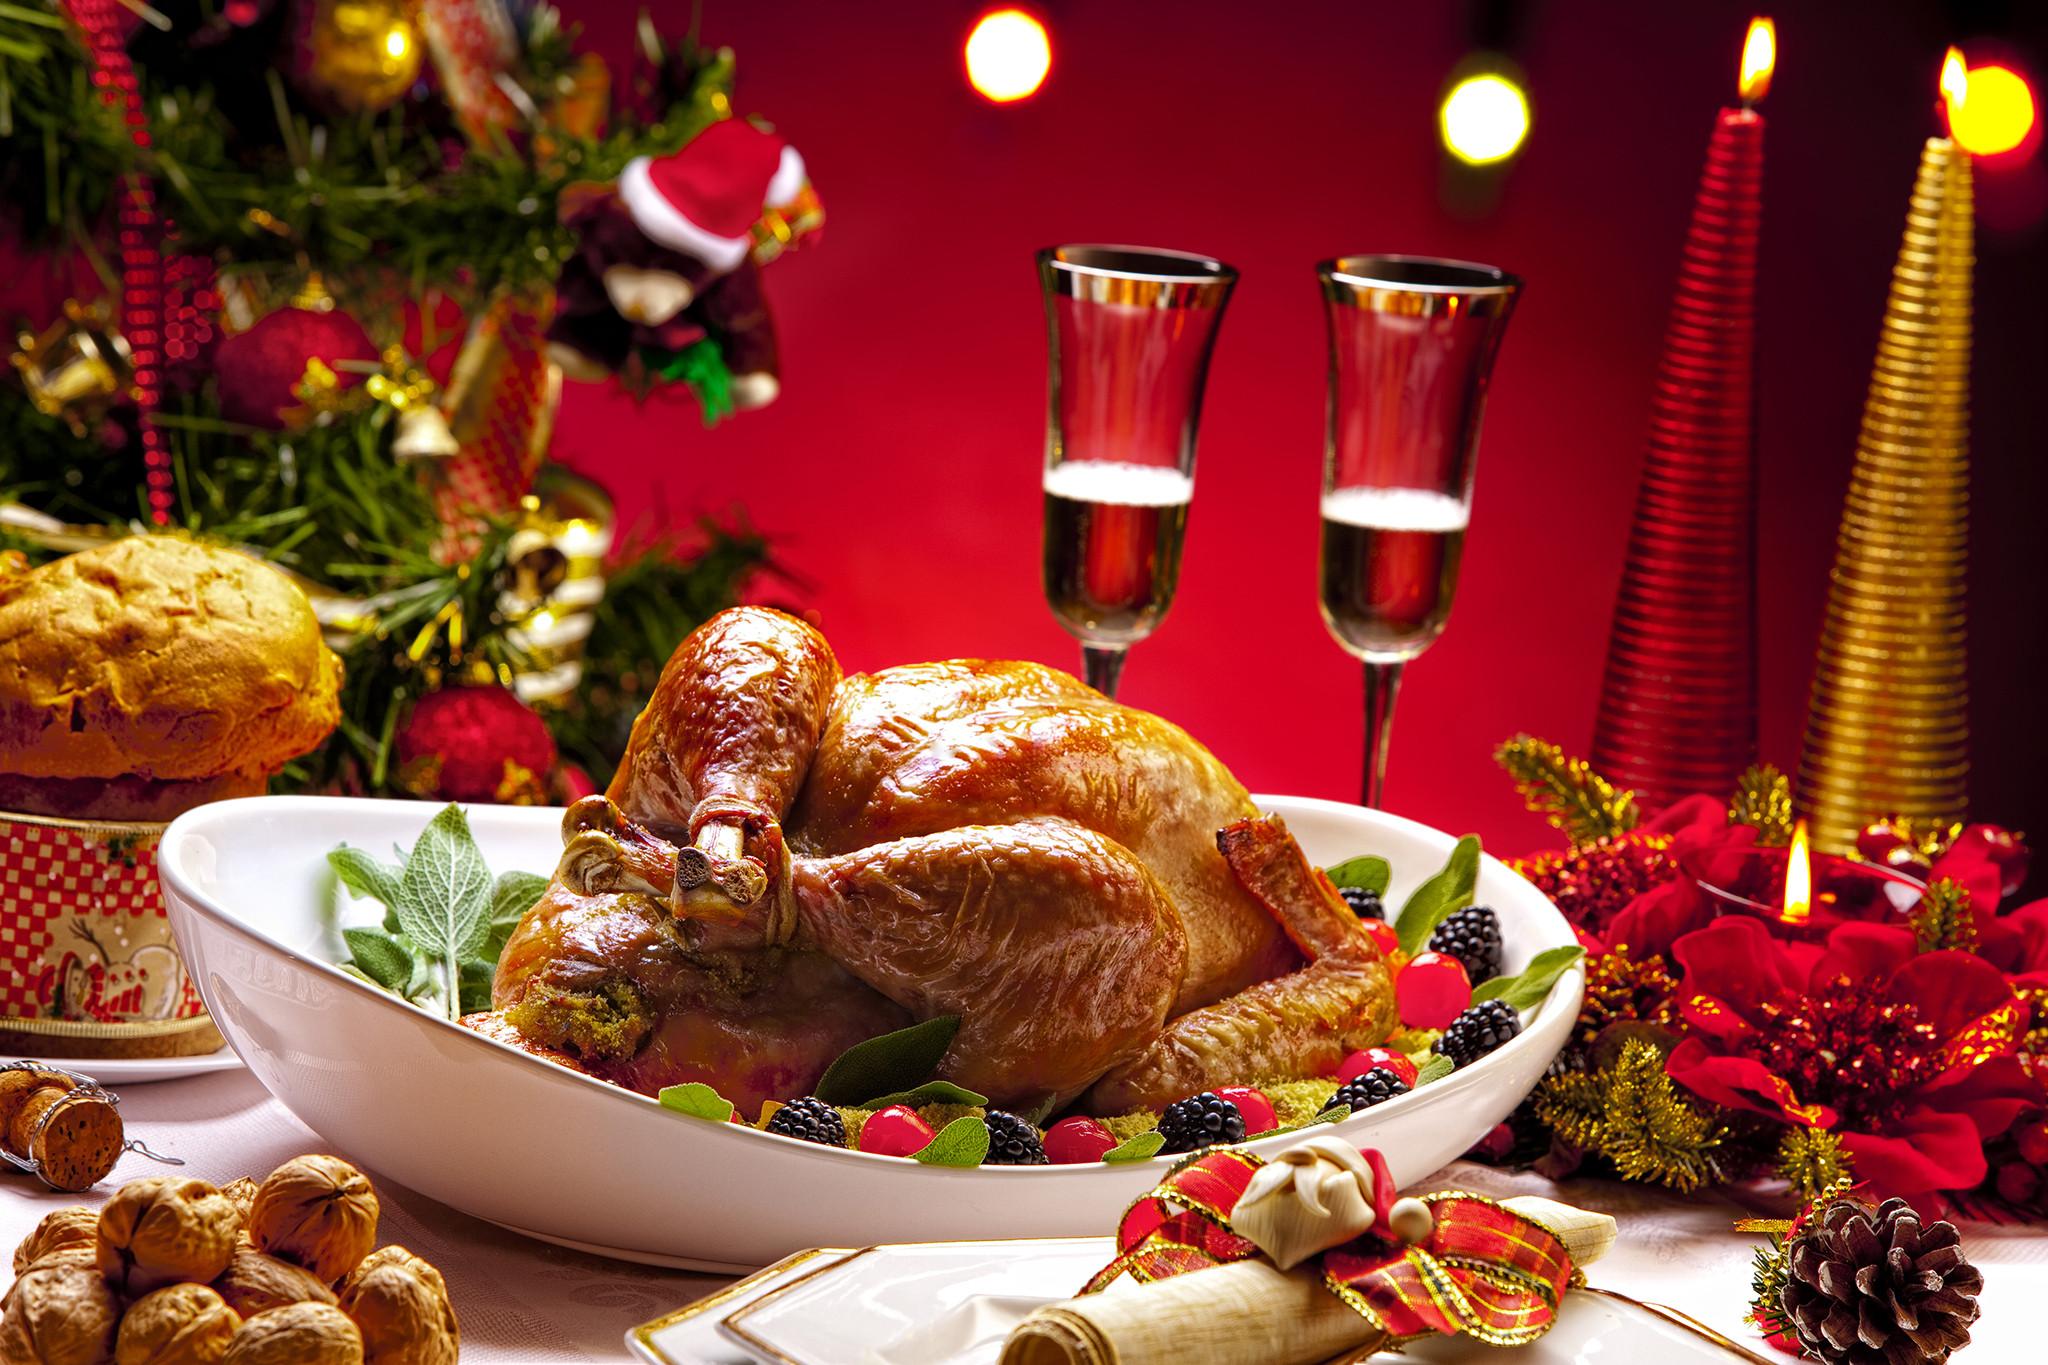 Christmas Dinner Nyc  Christmas Eve and Christmas Day dinner